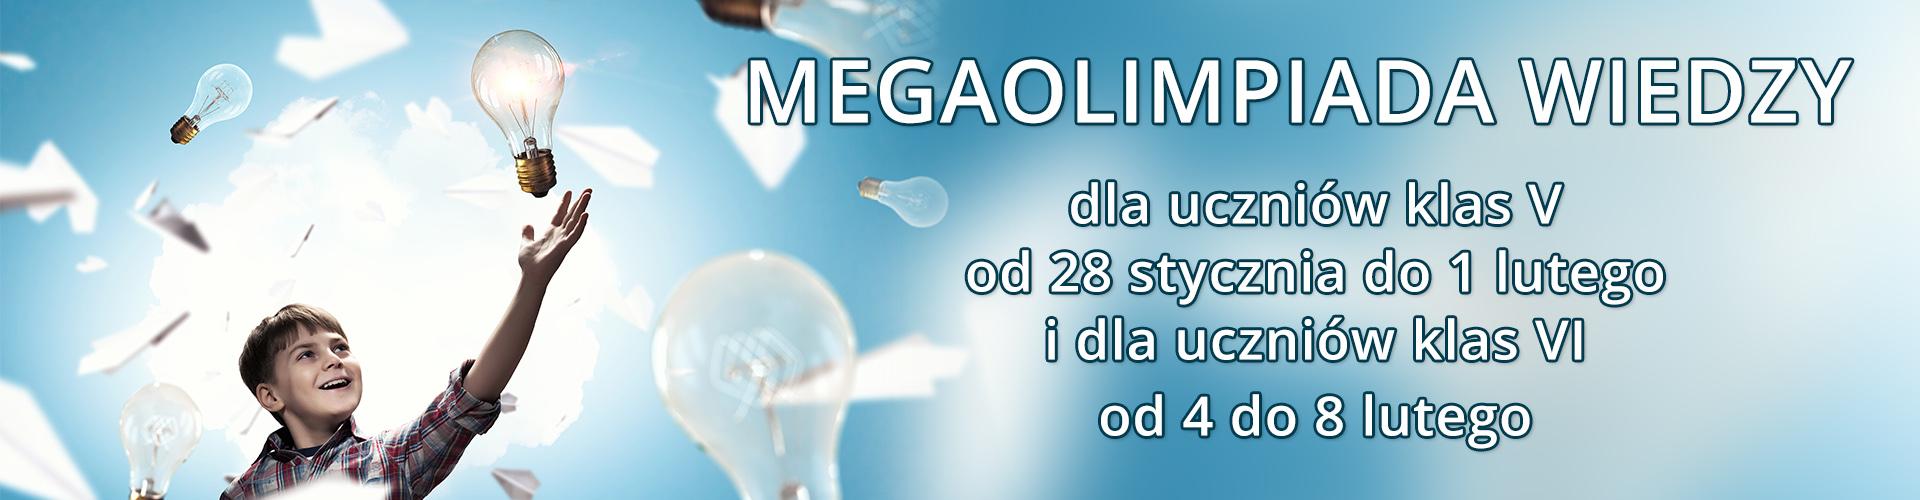 megaolimpiada_slider1